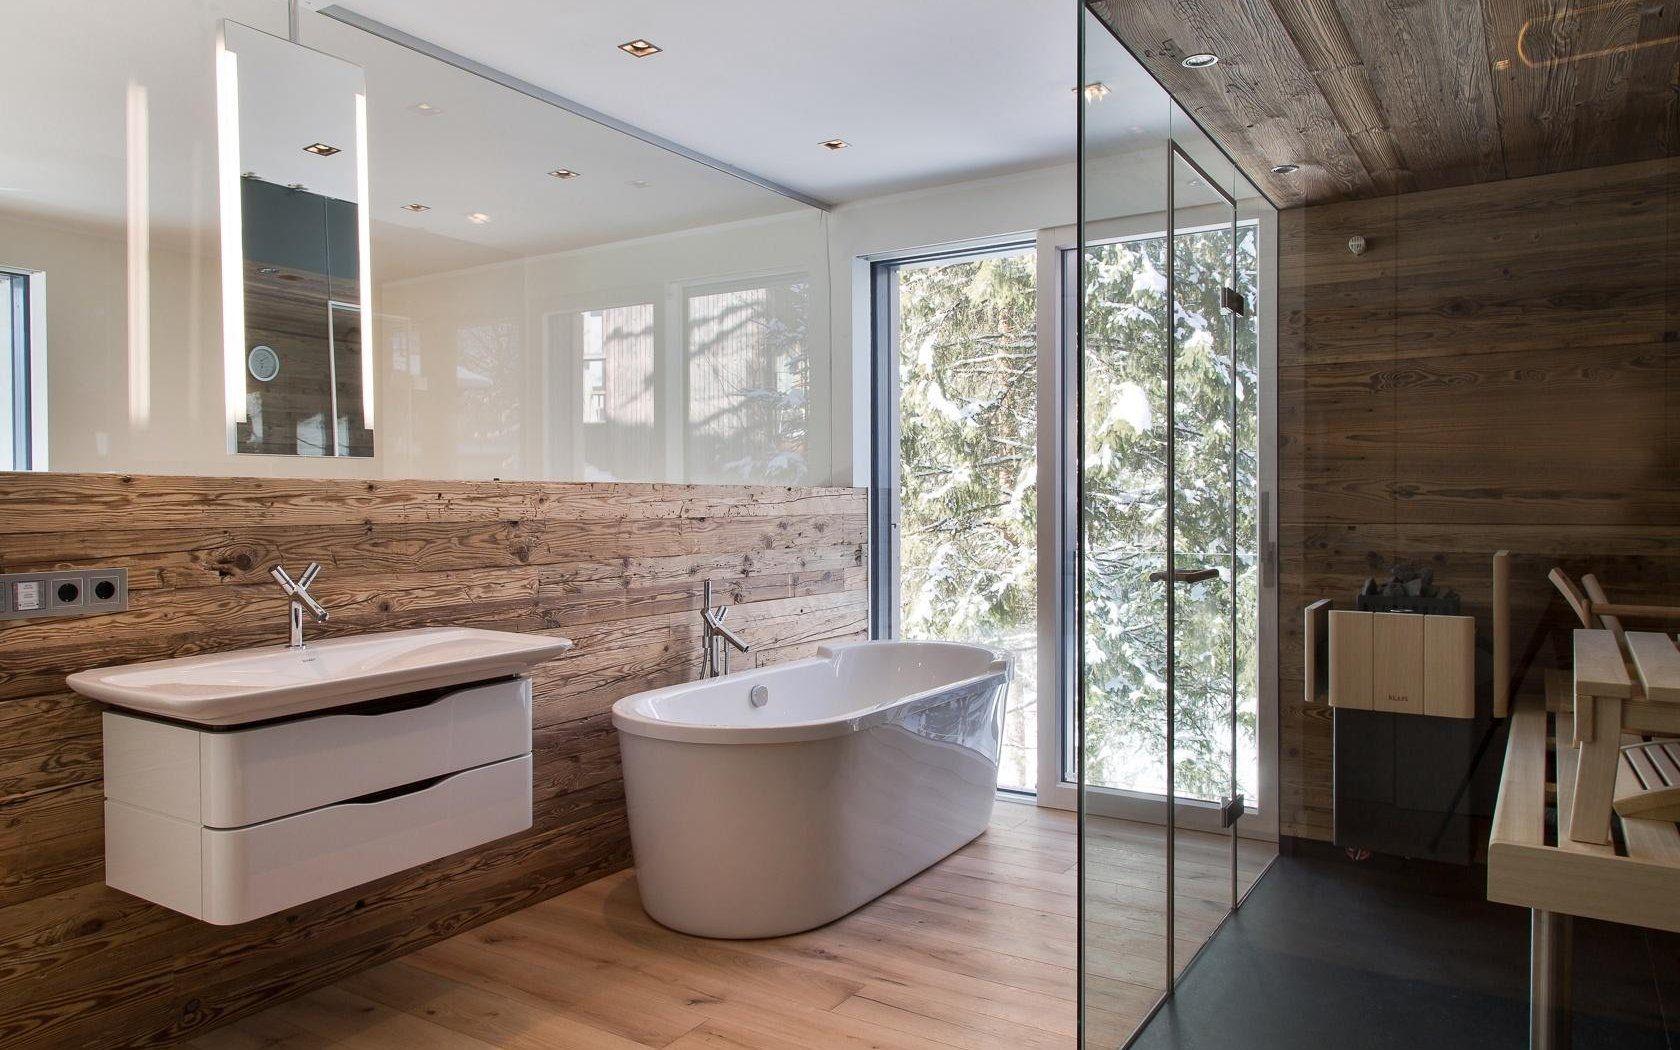 Altholz Ist Ein Thema Das Sich Durch Unsere Artikel Zieht Meist Sind Es Chalets In Den Bergen Renoviert Badezimmer Mit Sauna Badezimmer Schwarzes Badezimmer